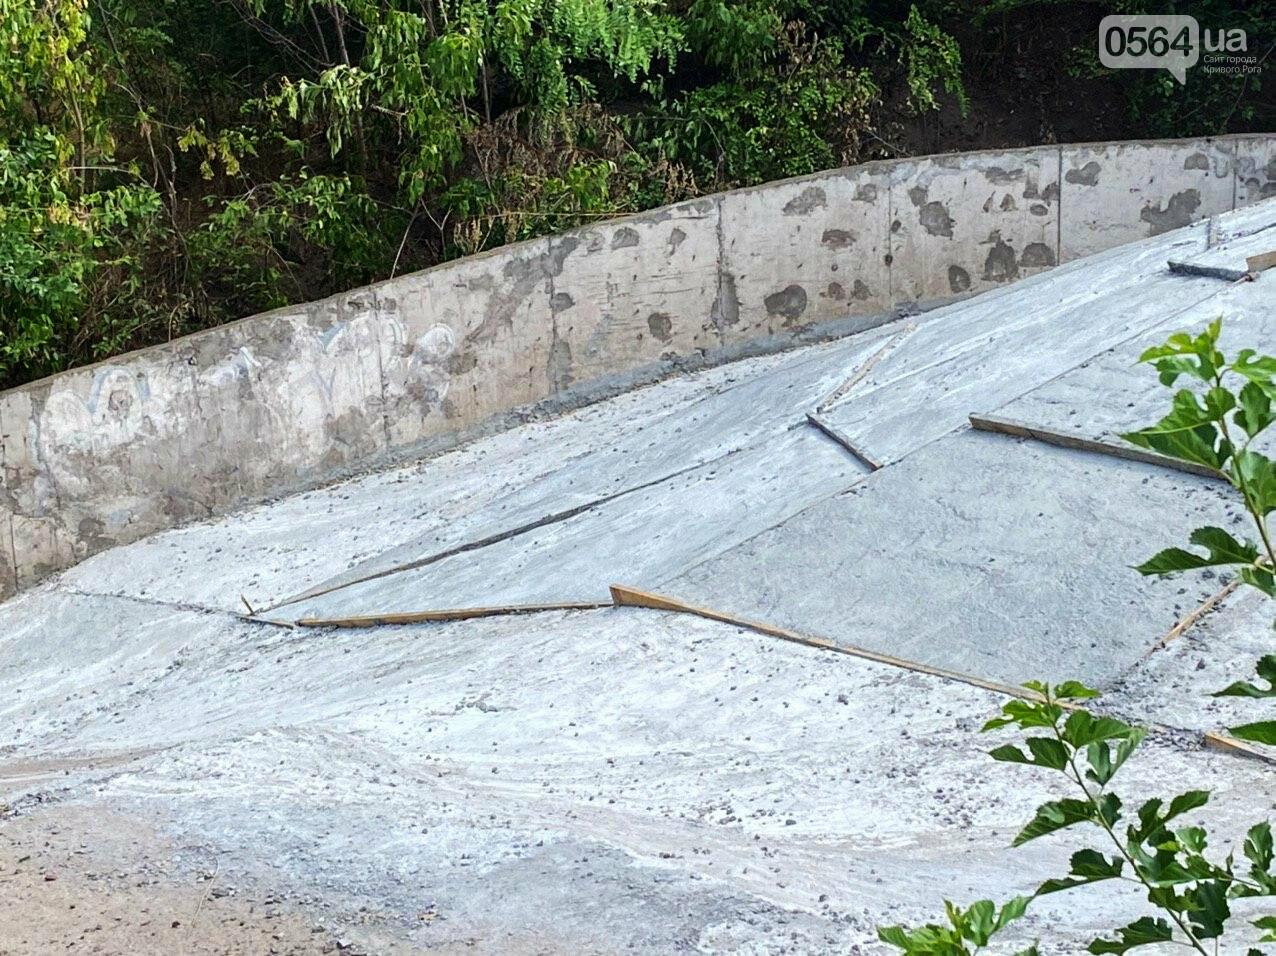 В Кривом Роге опять ремонтируют мост, где 5 лет назад произошло ЧП, - ФОТО , фото-21